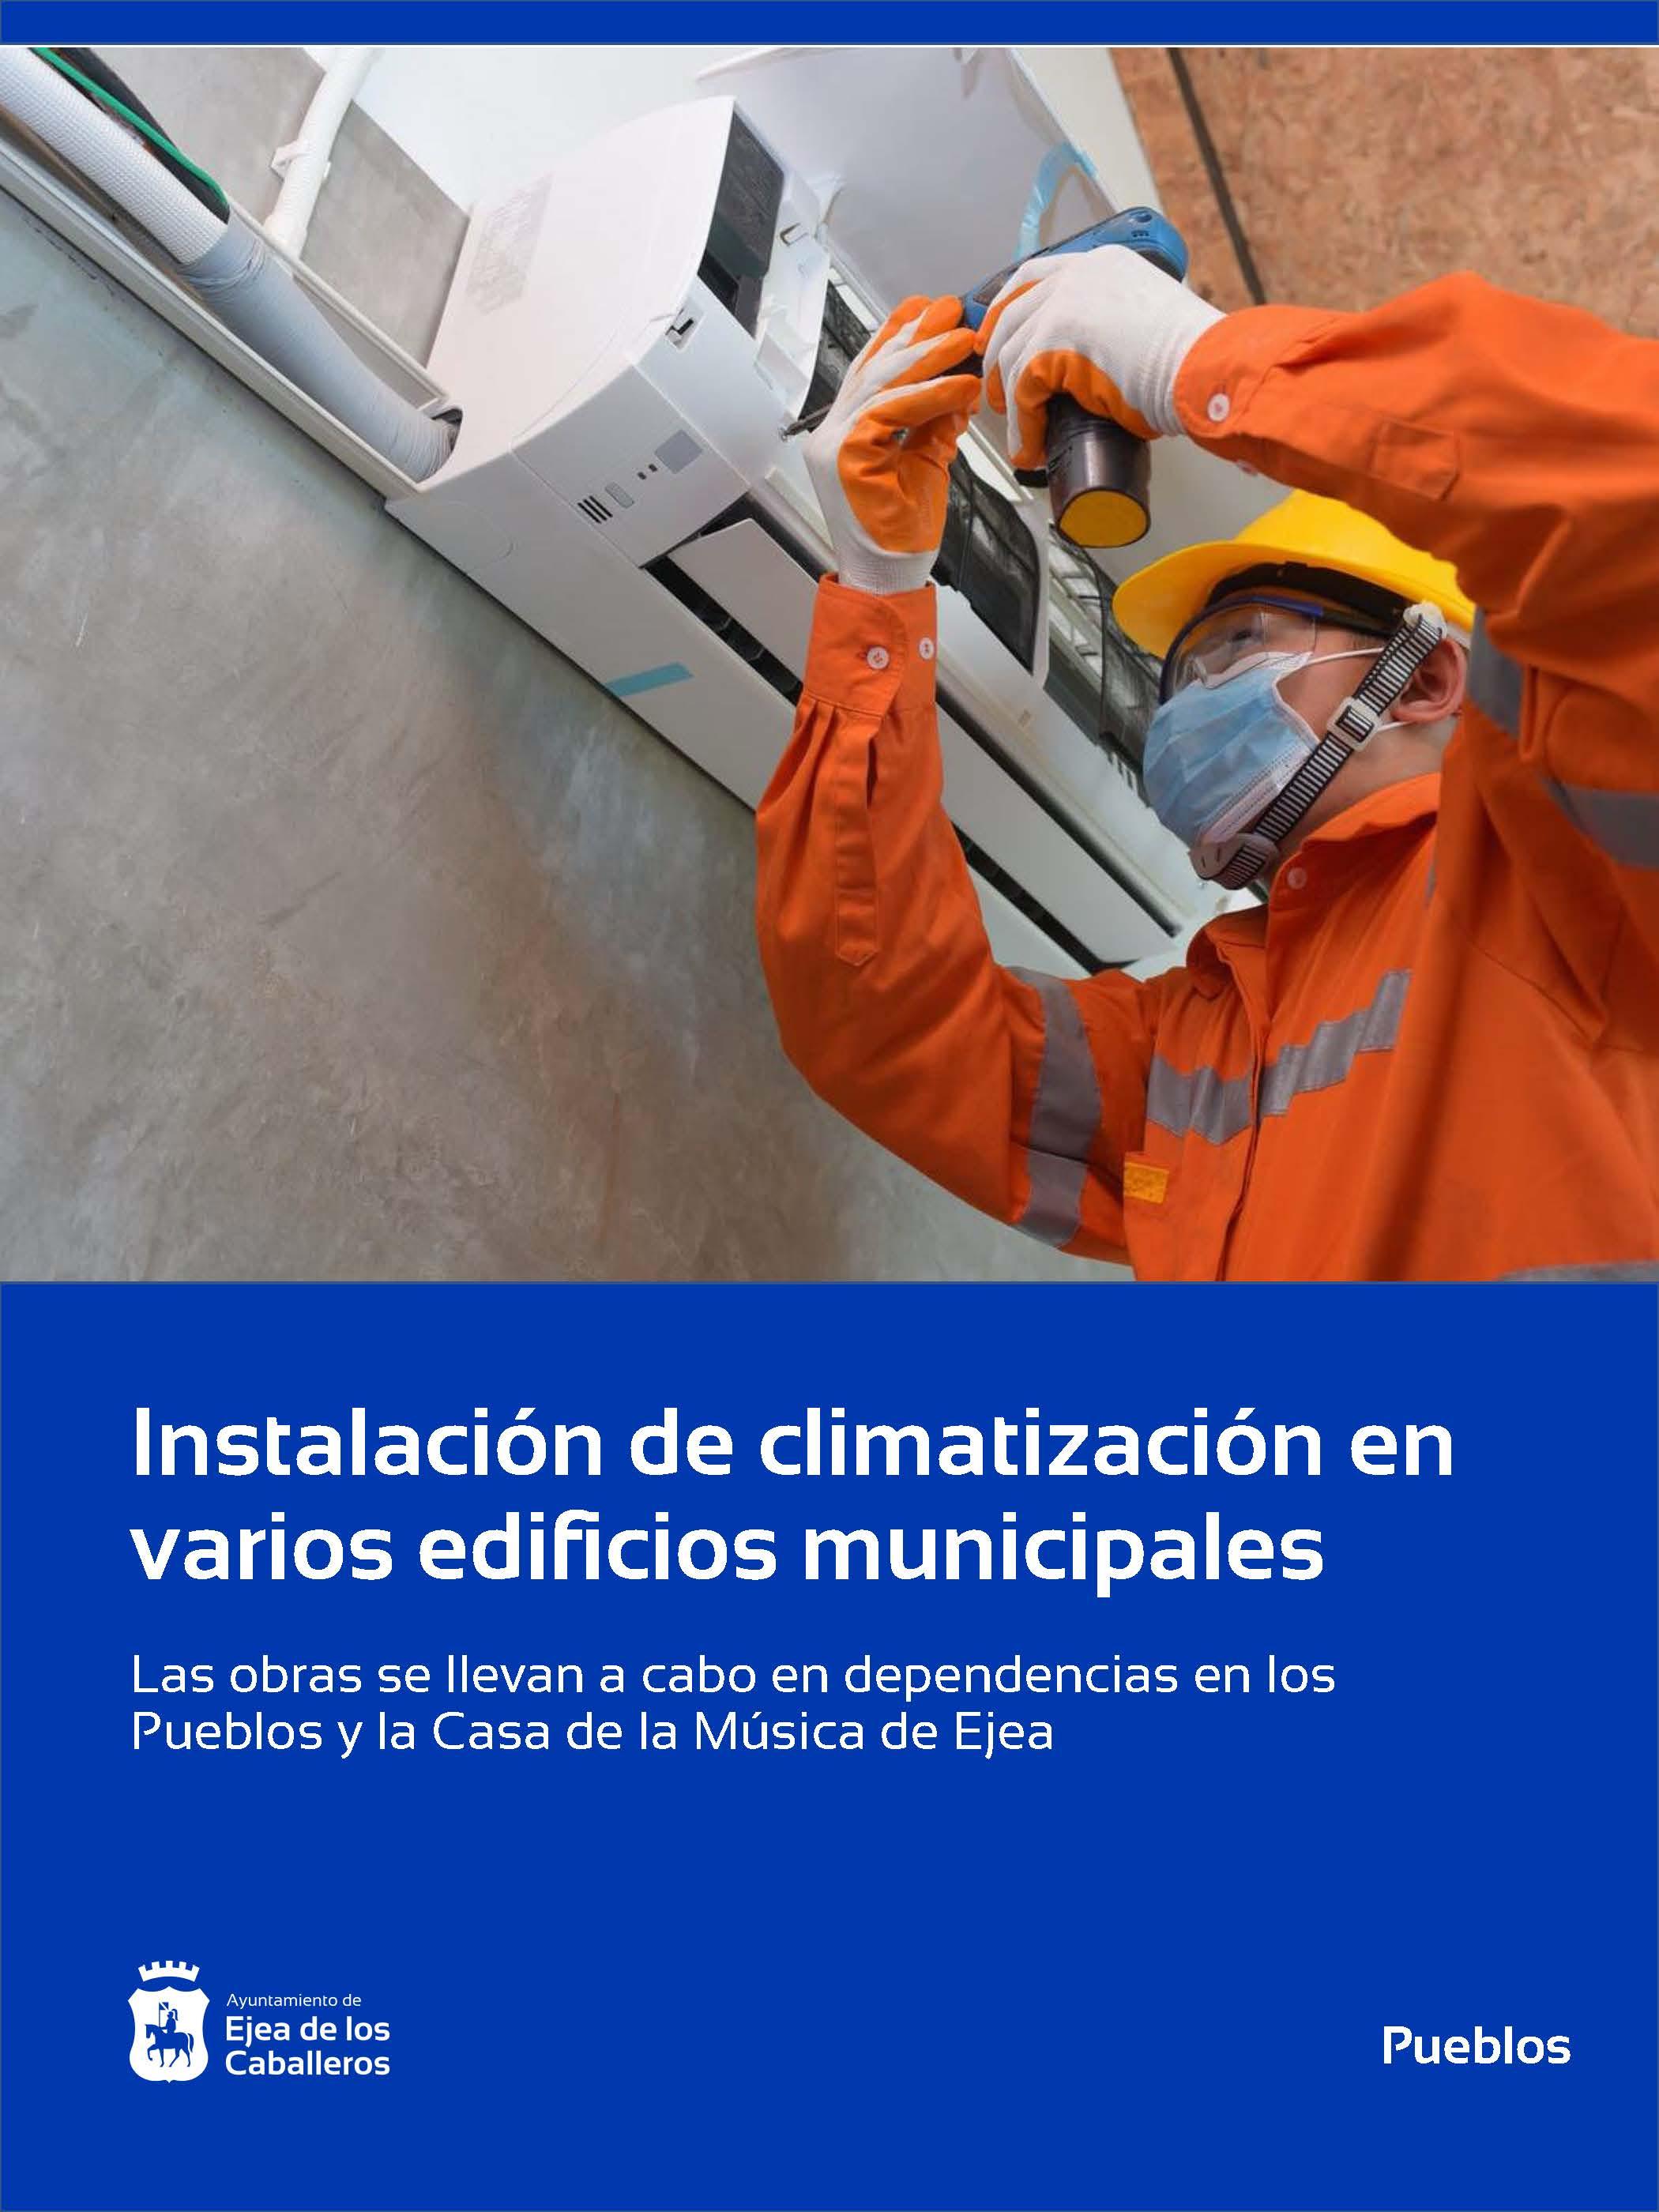 En este momento estás viendo Renovación de climatización en varios edificios municipales de Ejea de los Caballeros y Pueblos